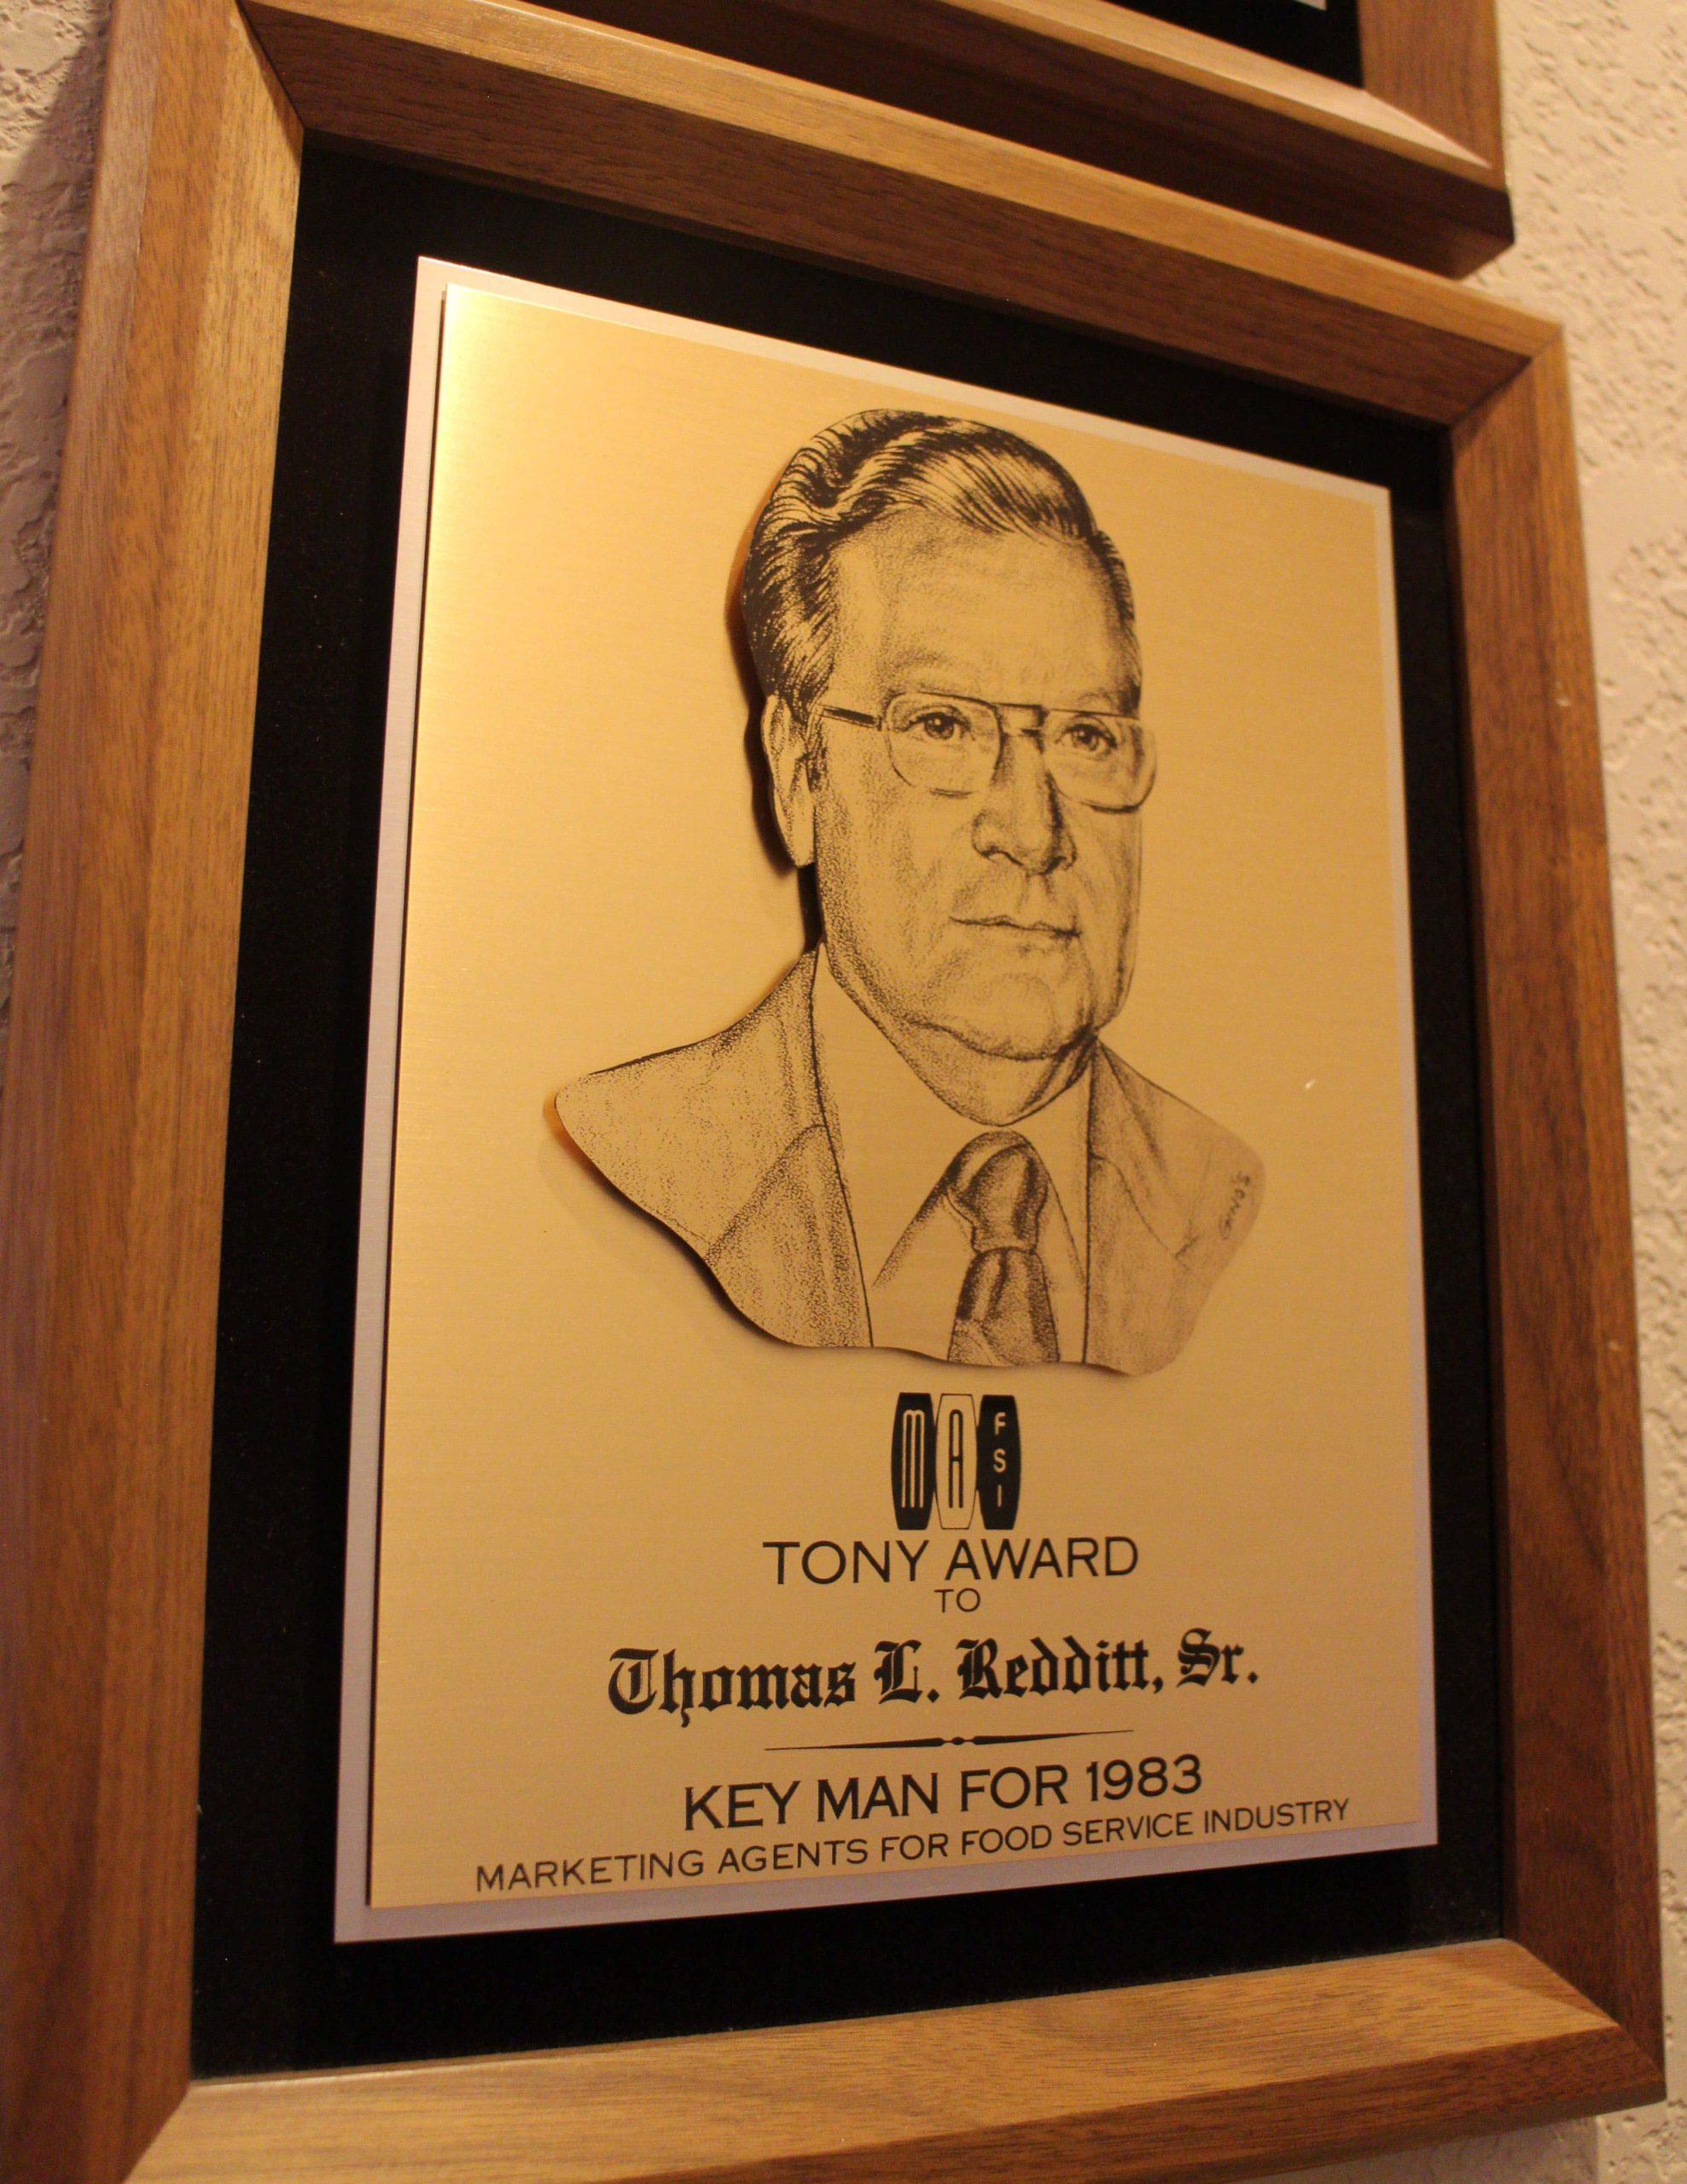 Plaque awarded to Tom Redditt Sr